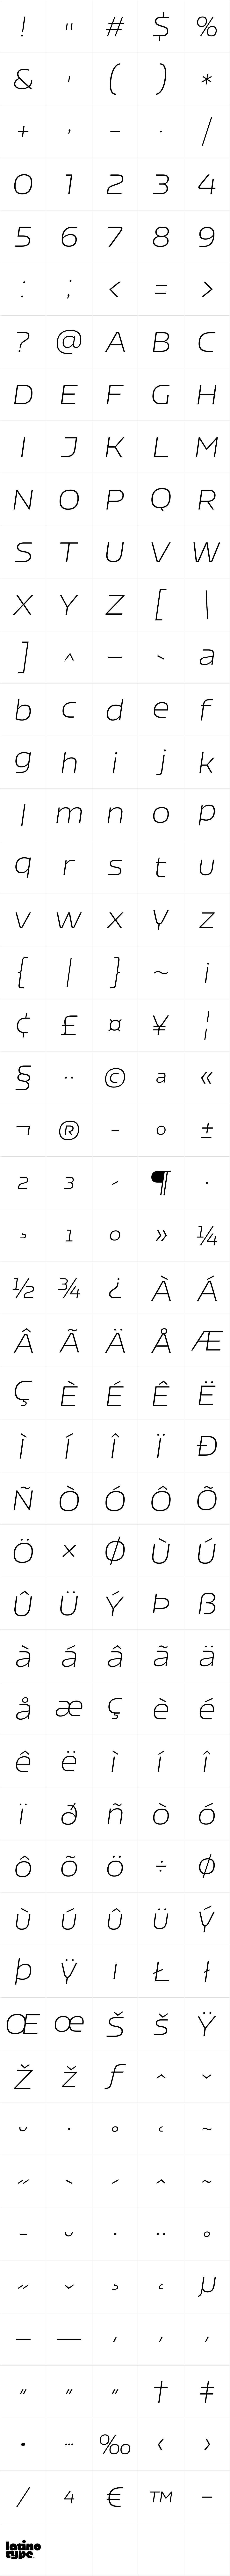 Nizzoli ExtraLight Italic